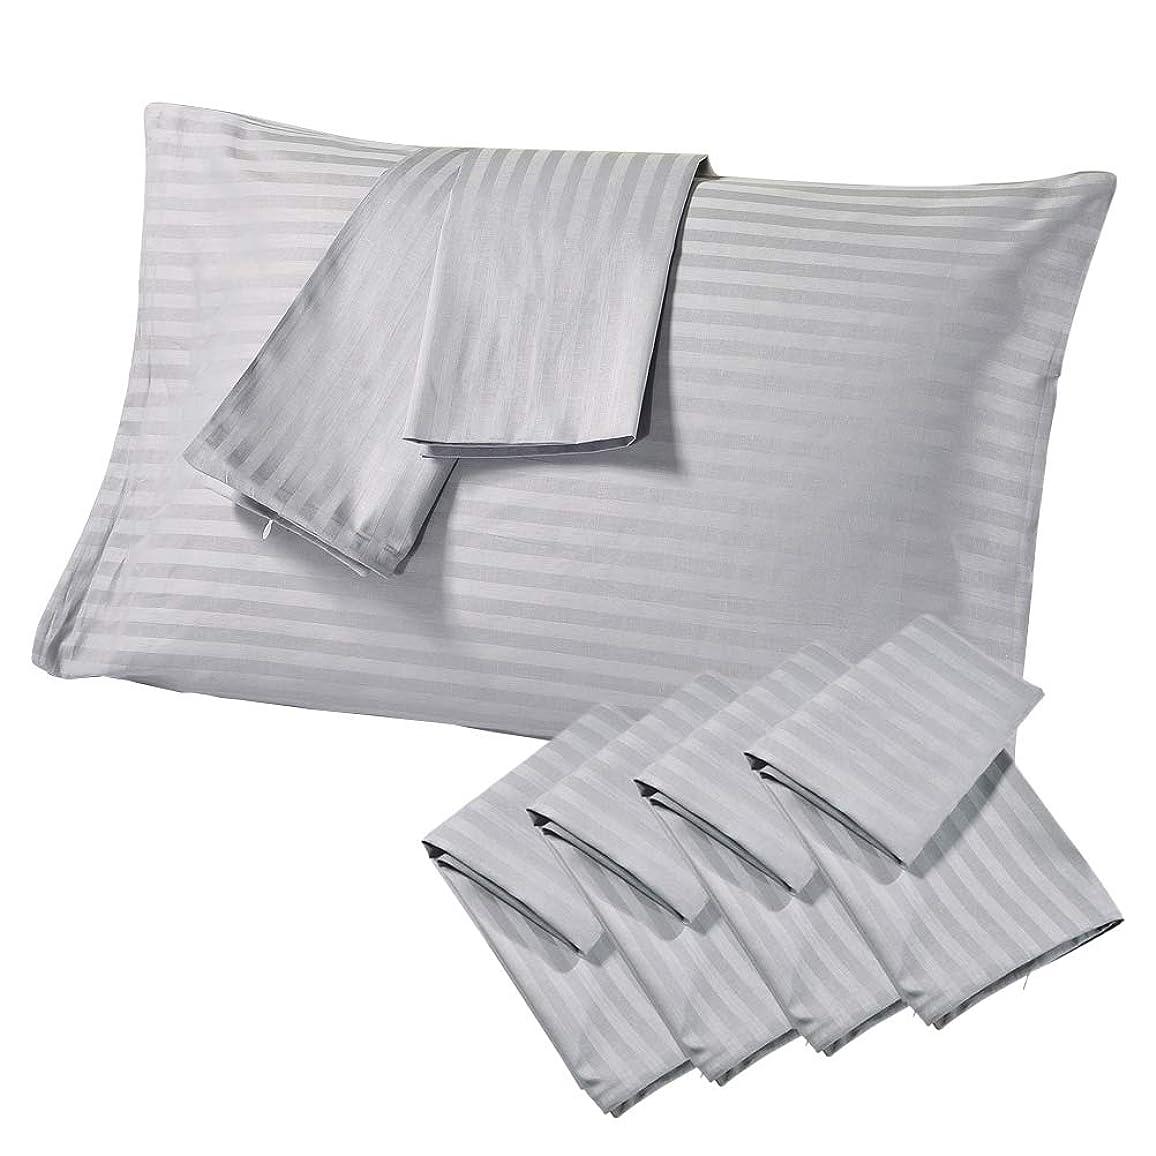 地上のコンサートアーサーTebery ベッドバグ ダストダニ&アレルギーコントロール 枕プロテクター コットン100% ファスナー付き枕カバー 4パック 標準 グレー Te-PillowProtectors-Gray-S-4pc